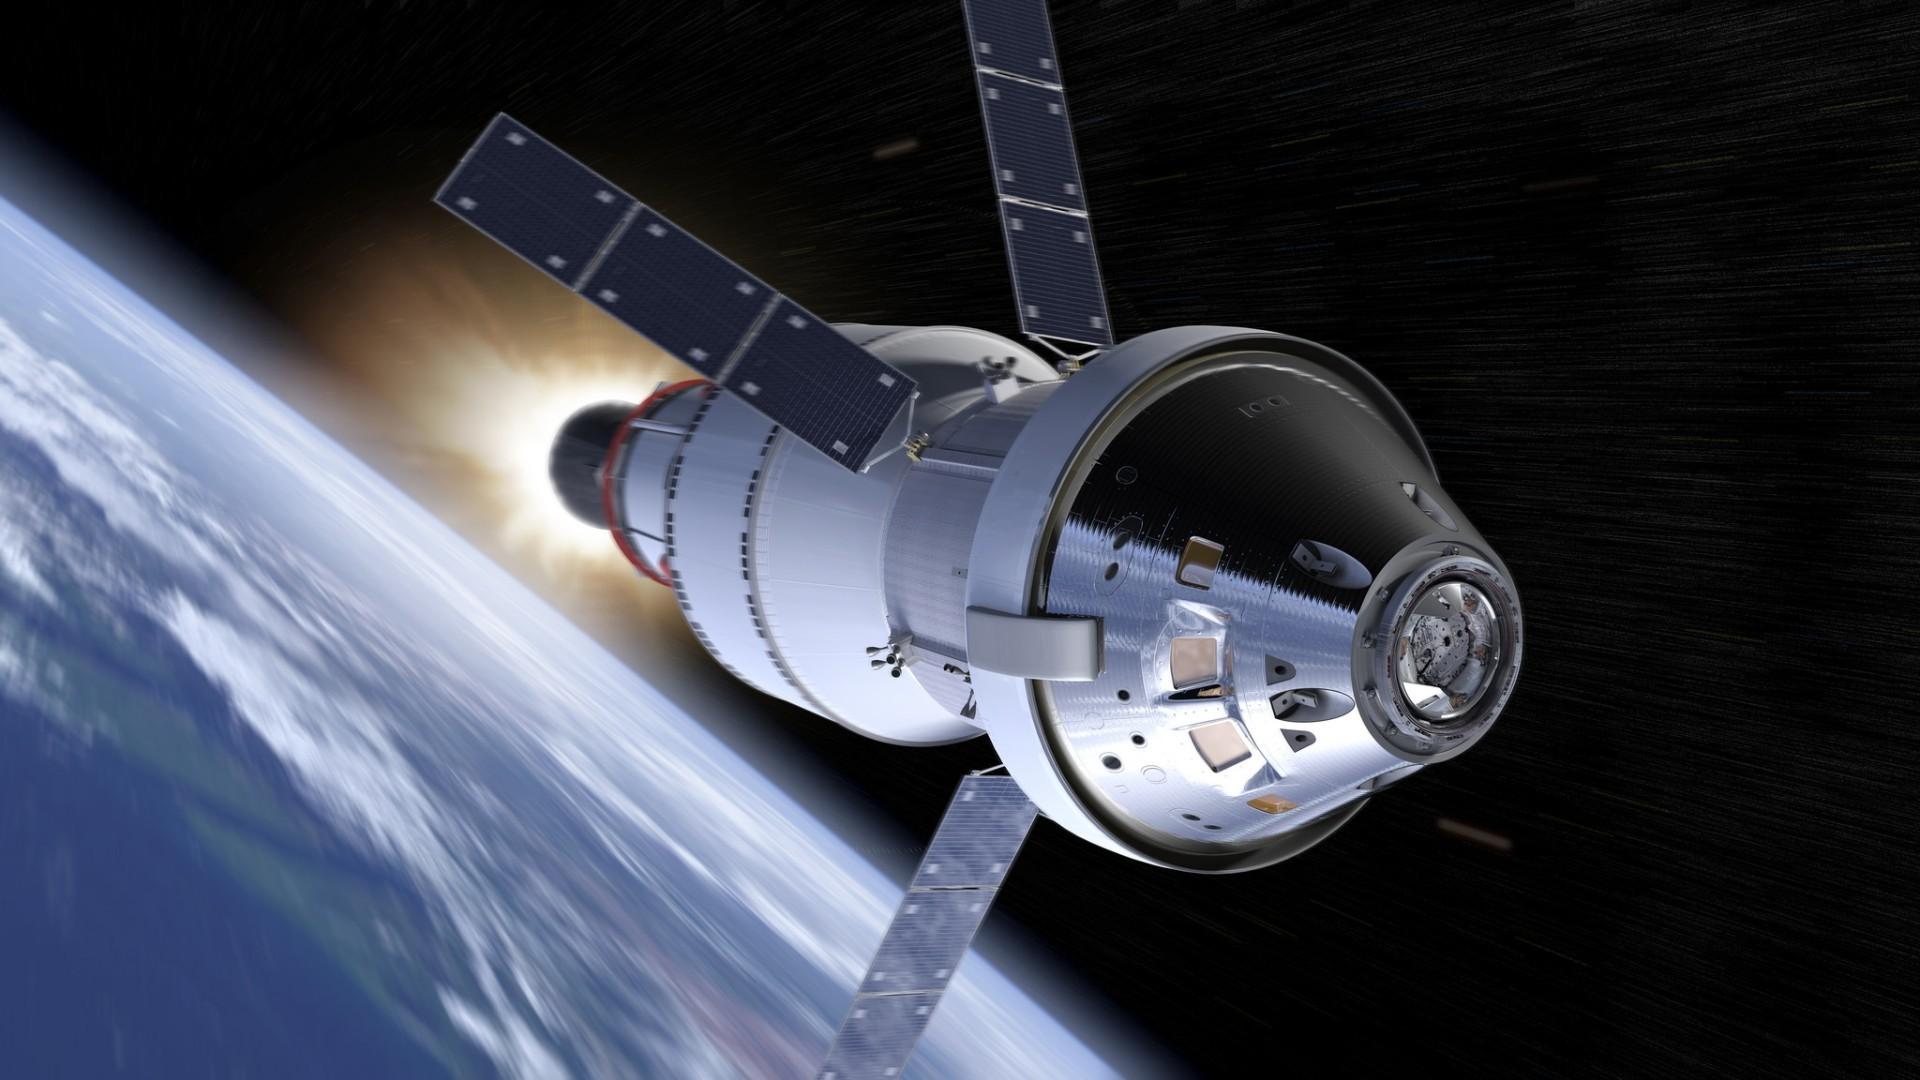 Лунная станция Deep Space Gateway: подготовка к полёту на Марс - 2